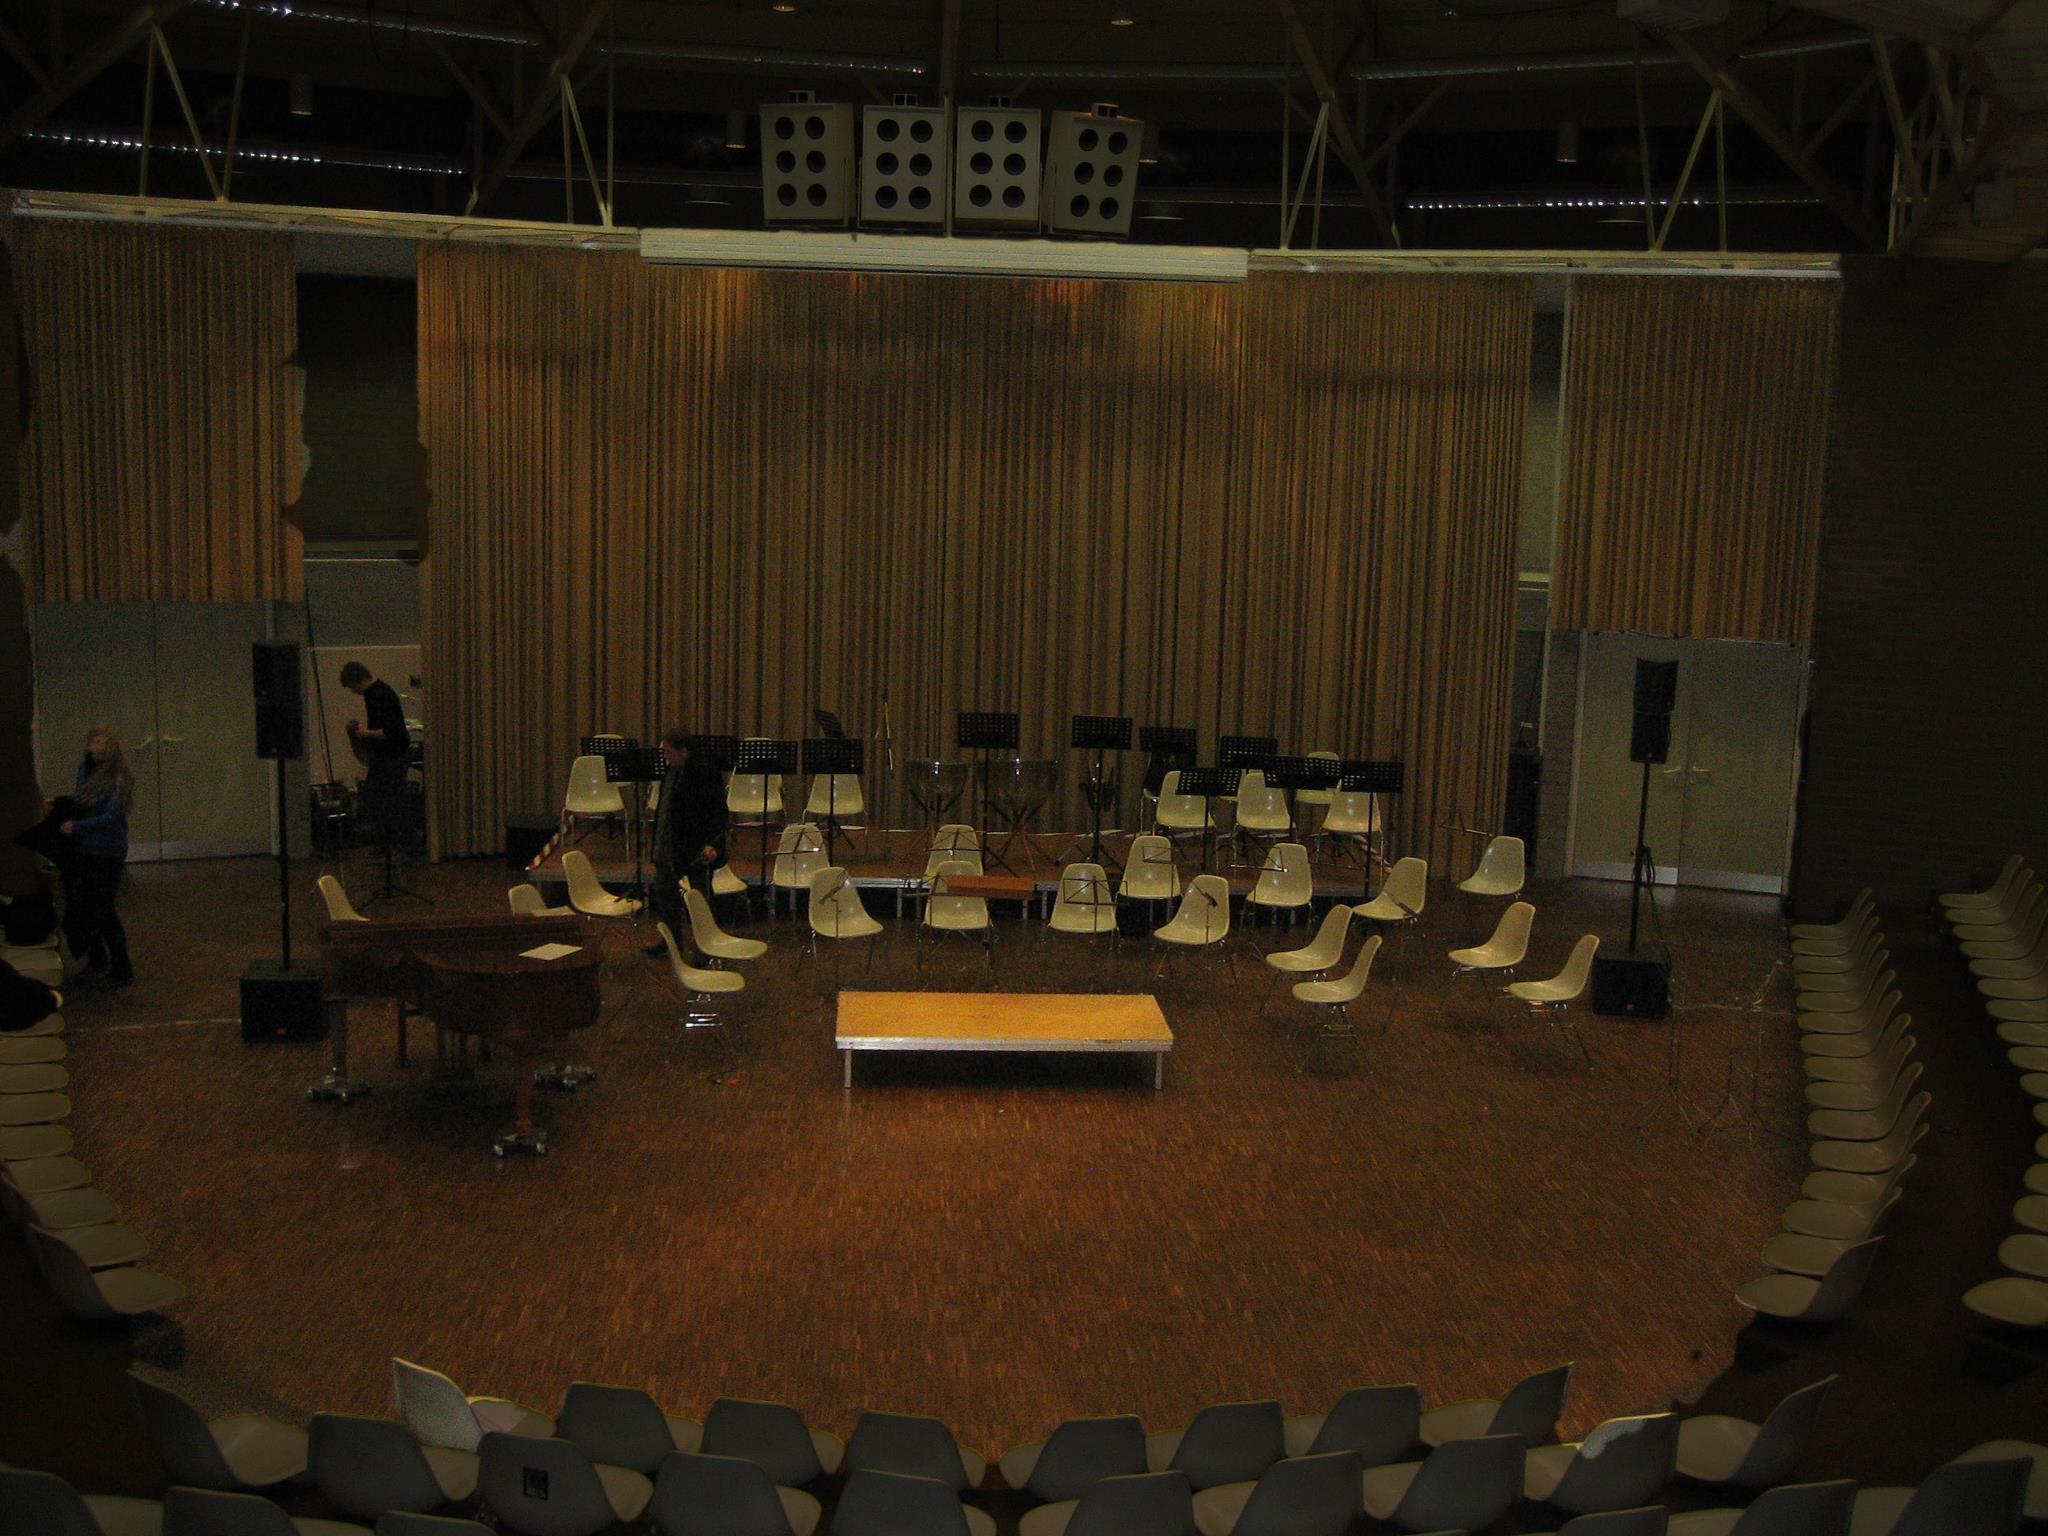 Aula des Heinrich-Heine-Gymnasiums Bottrop